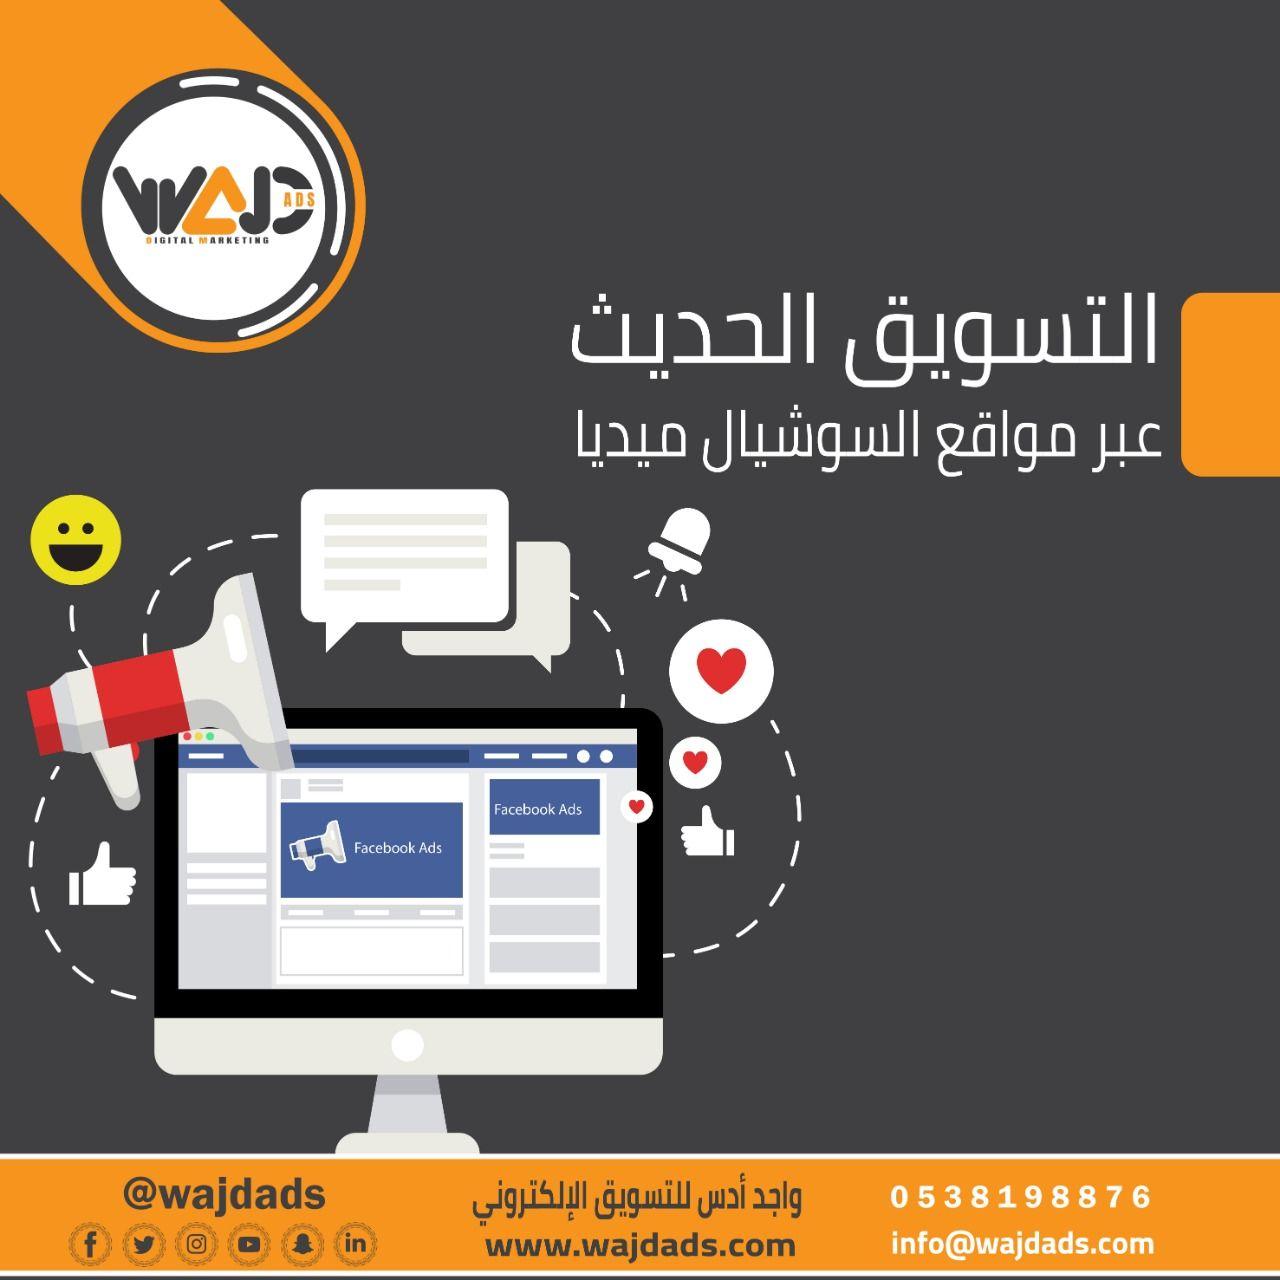 التسويق عبر مواقع السوشيال ميديا Social Media Marketing Services Marketing Services Social Media Marketing